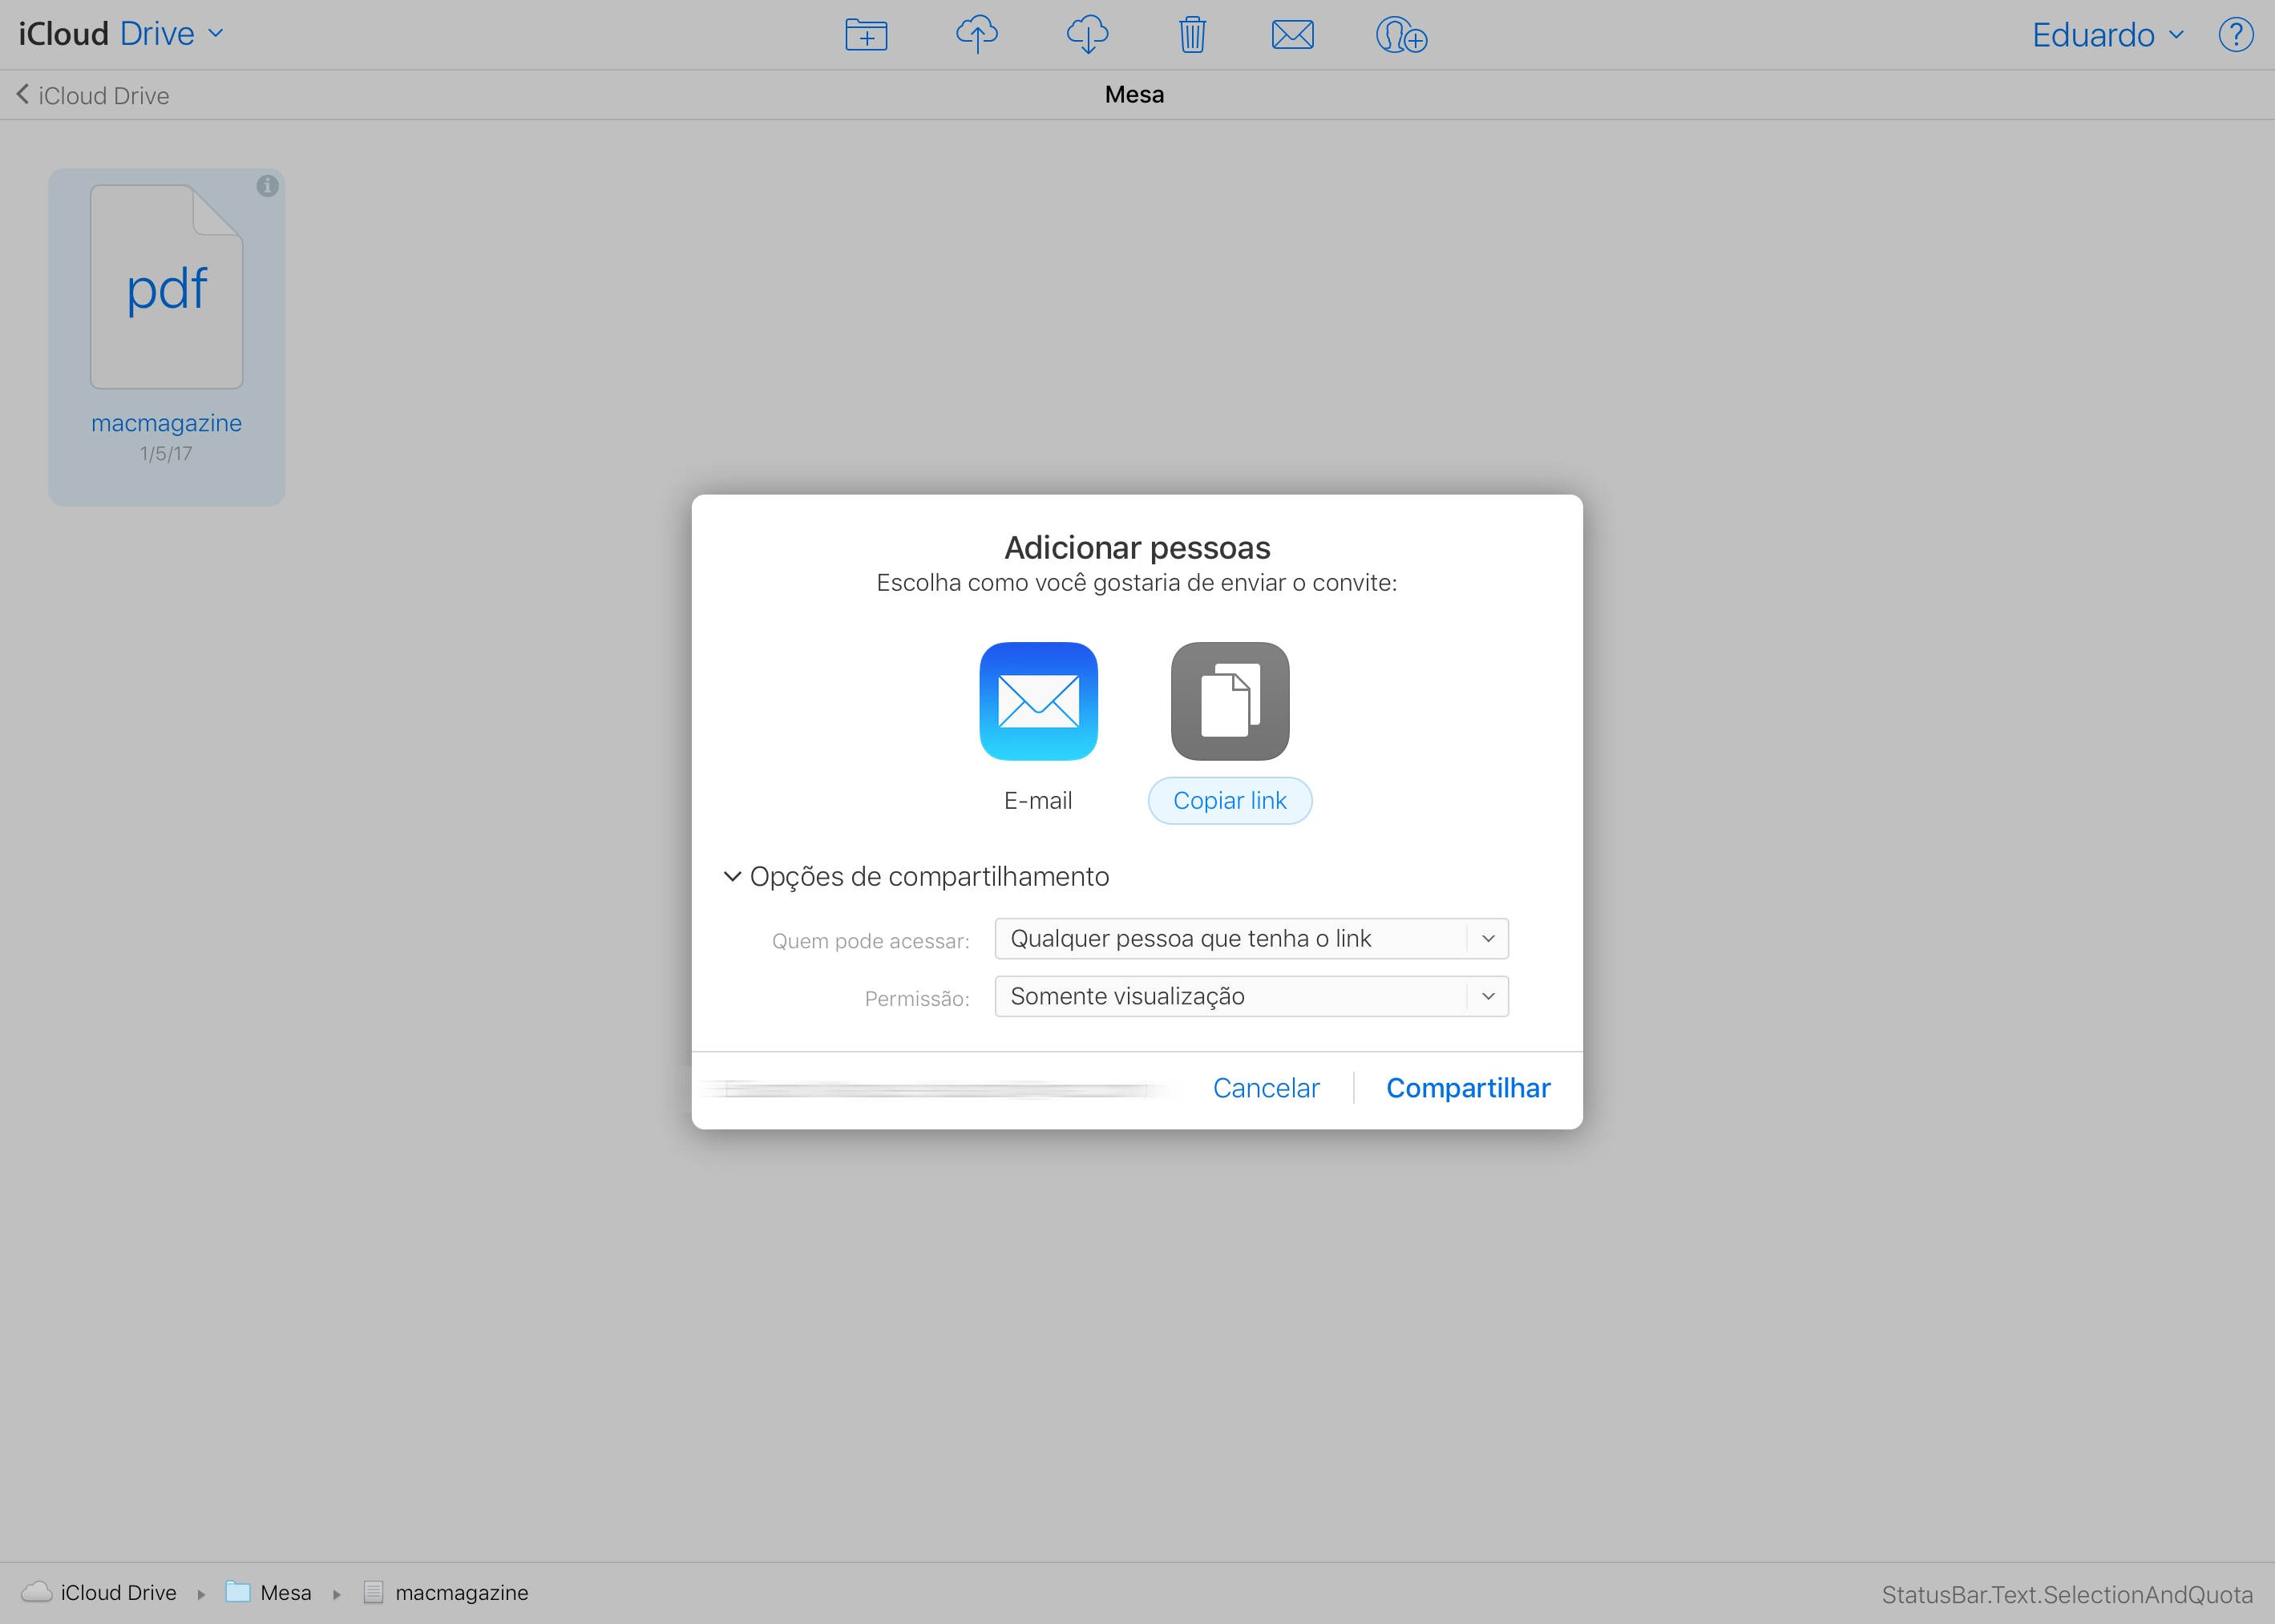 Compartilhando um arquivo no iCloud Drive